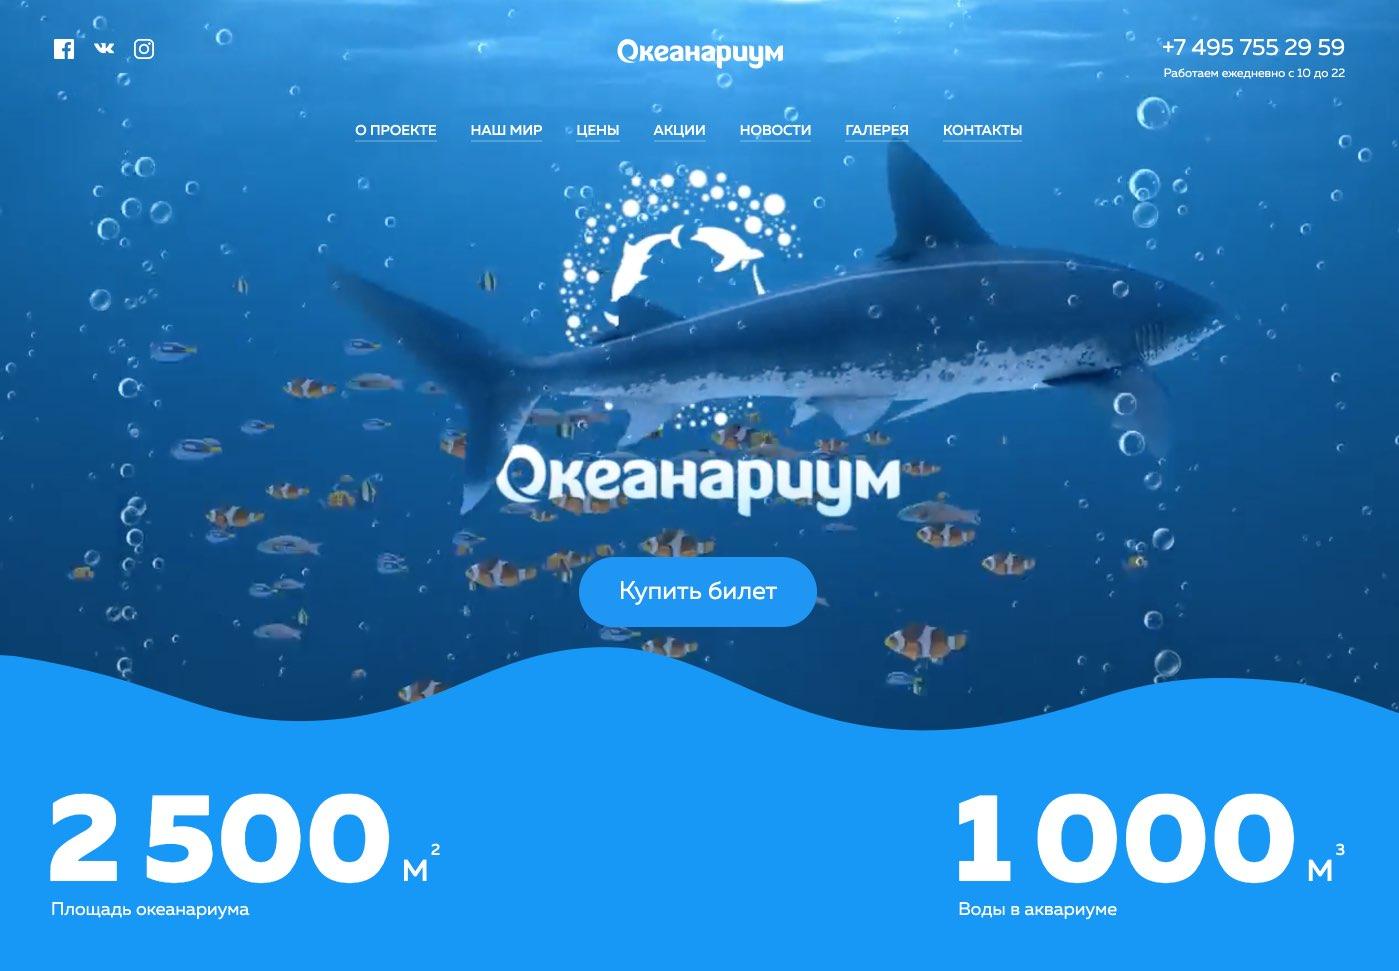 Moscow Oceanarium